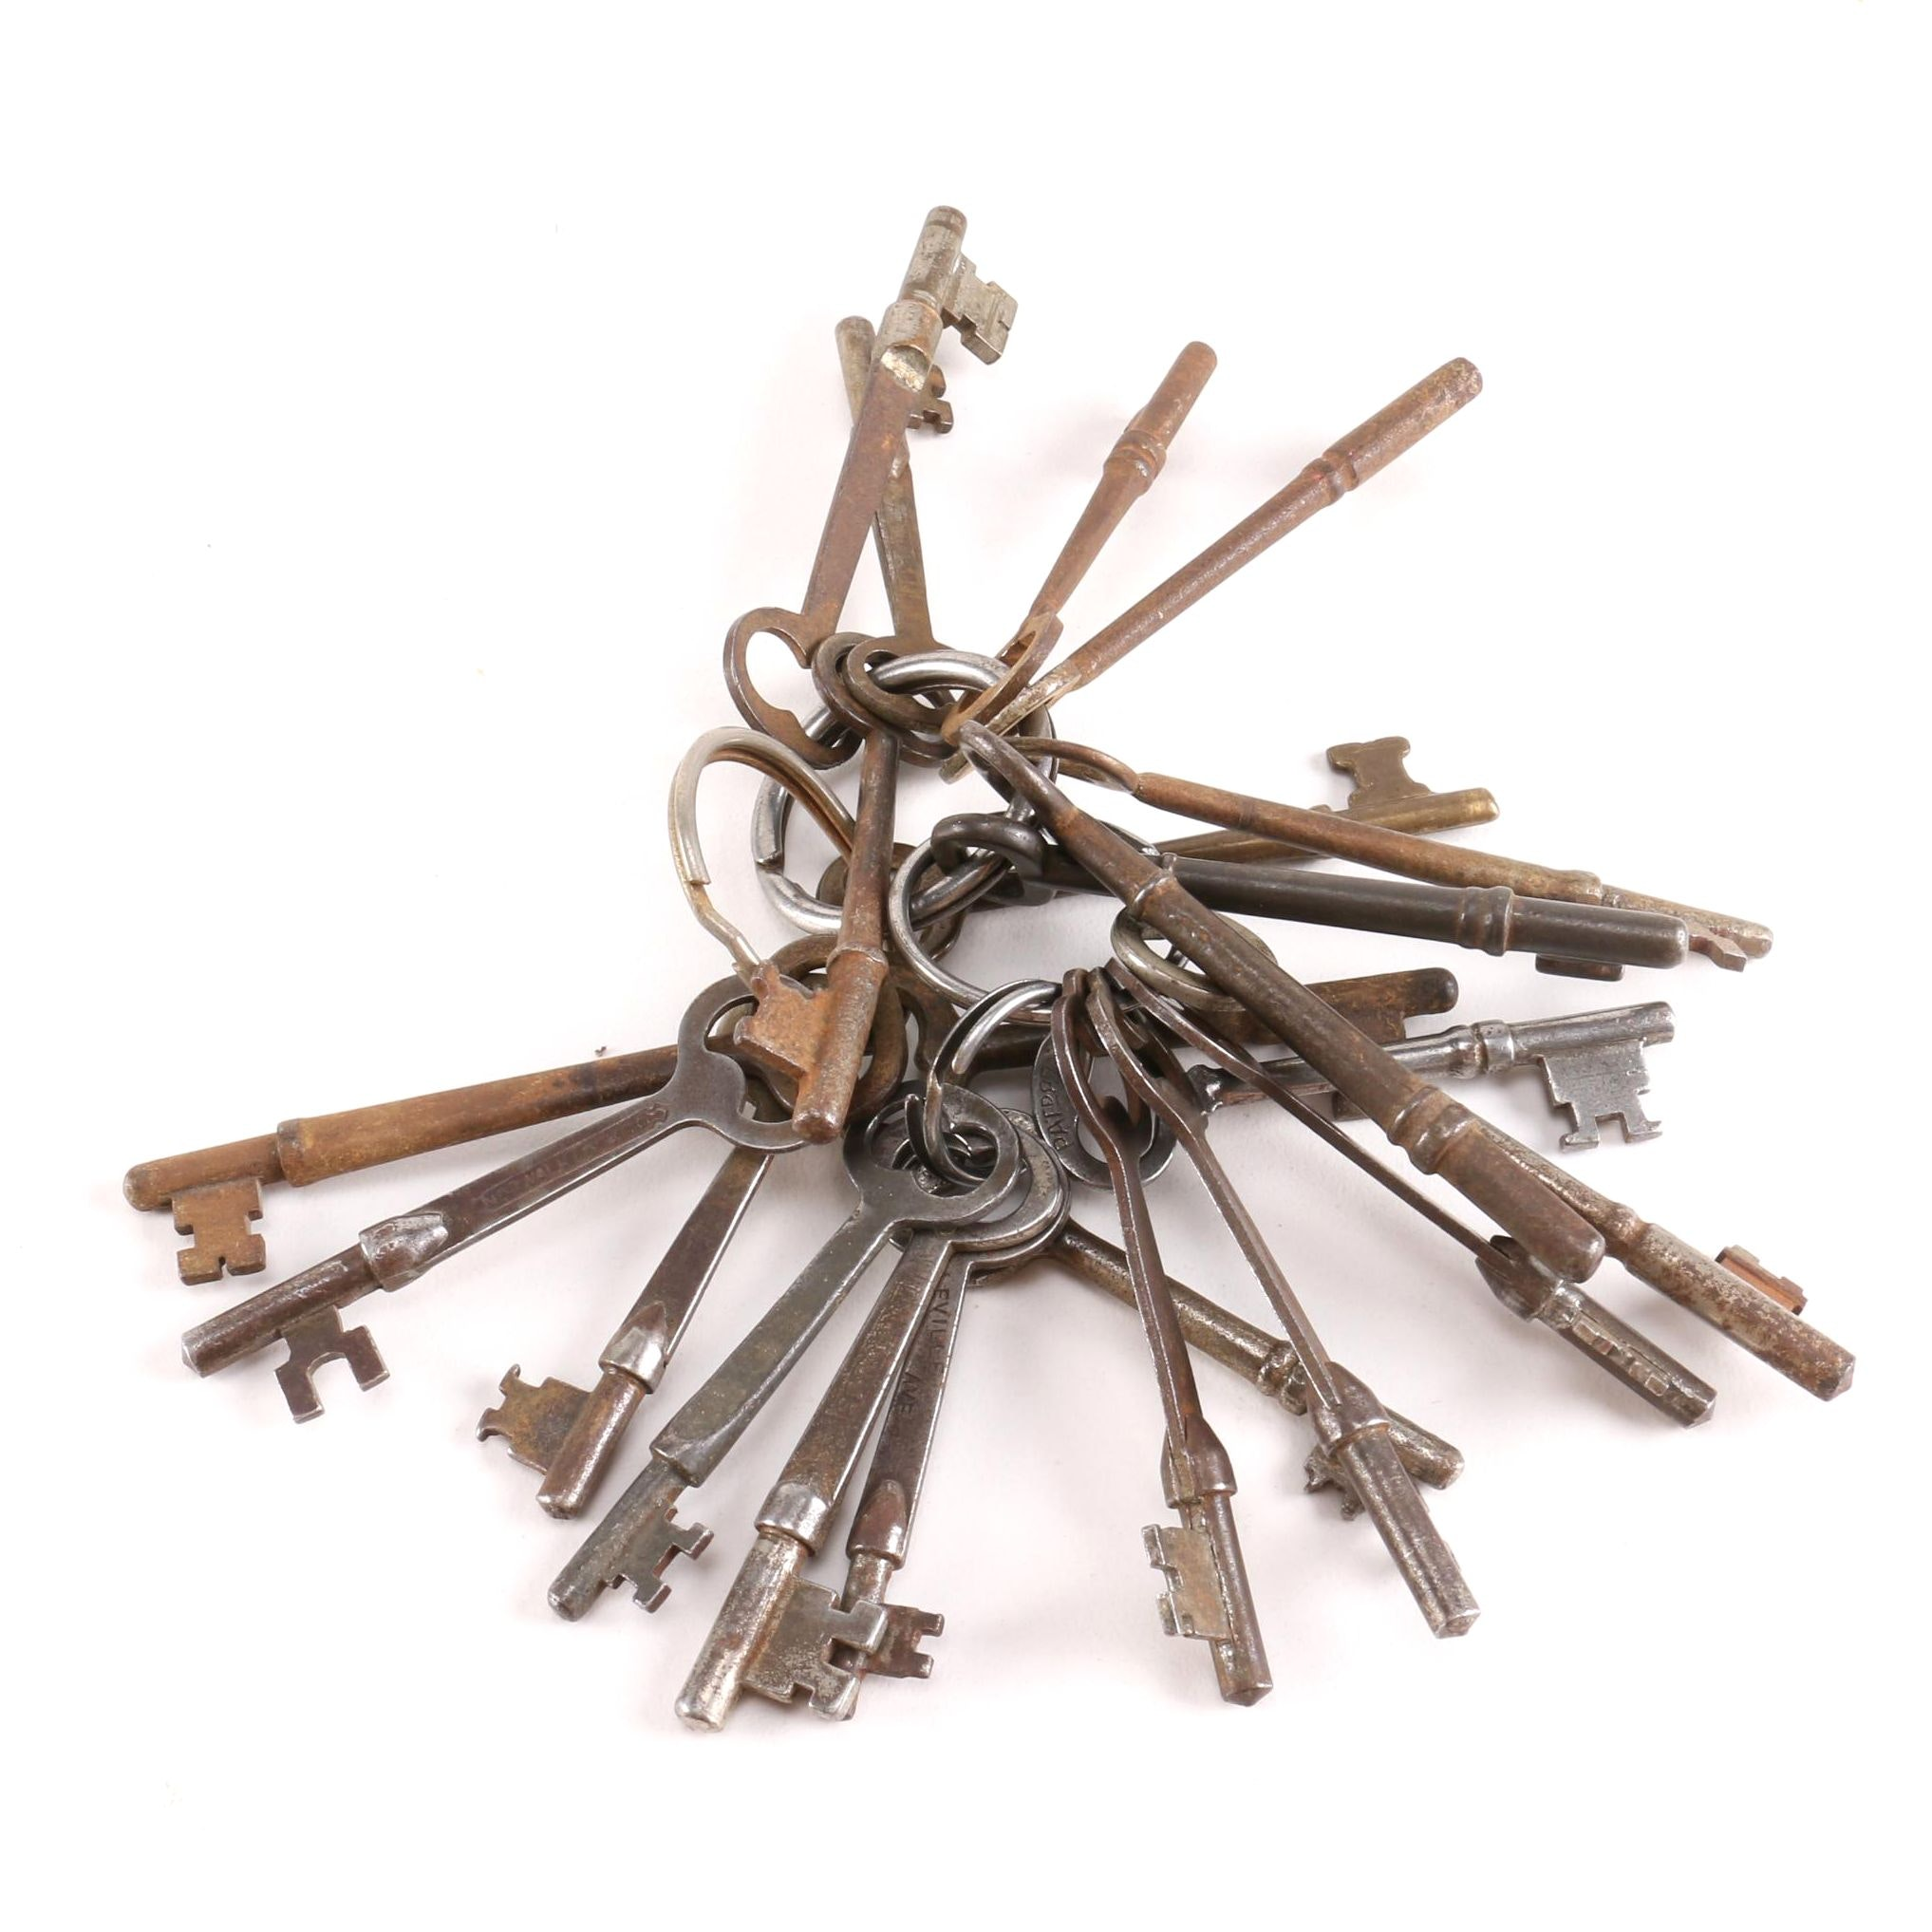 Assortment of Skeleton Keys